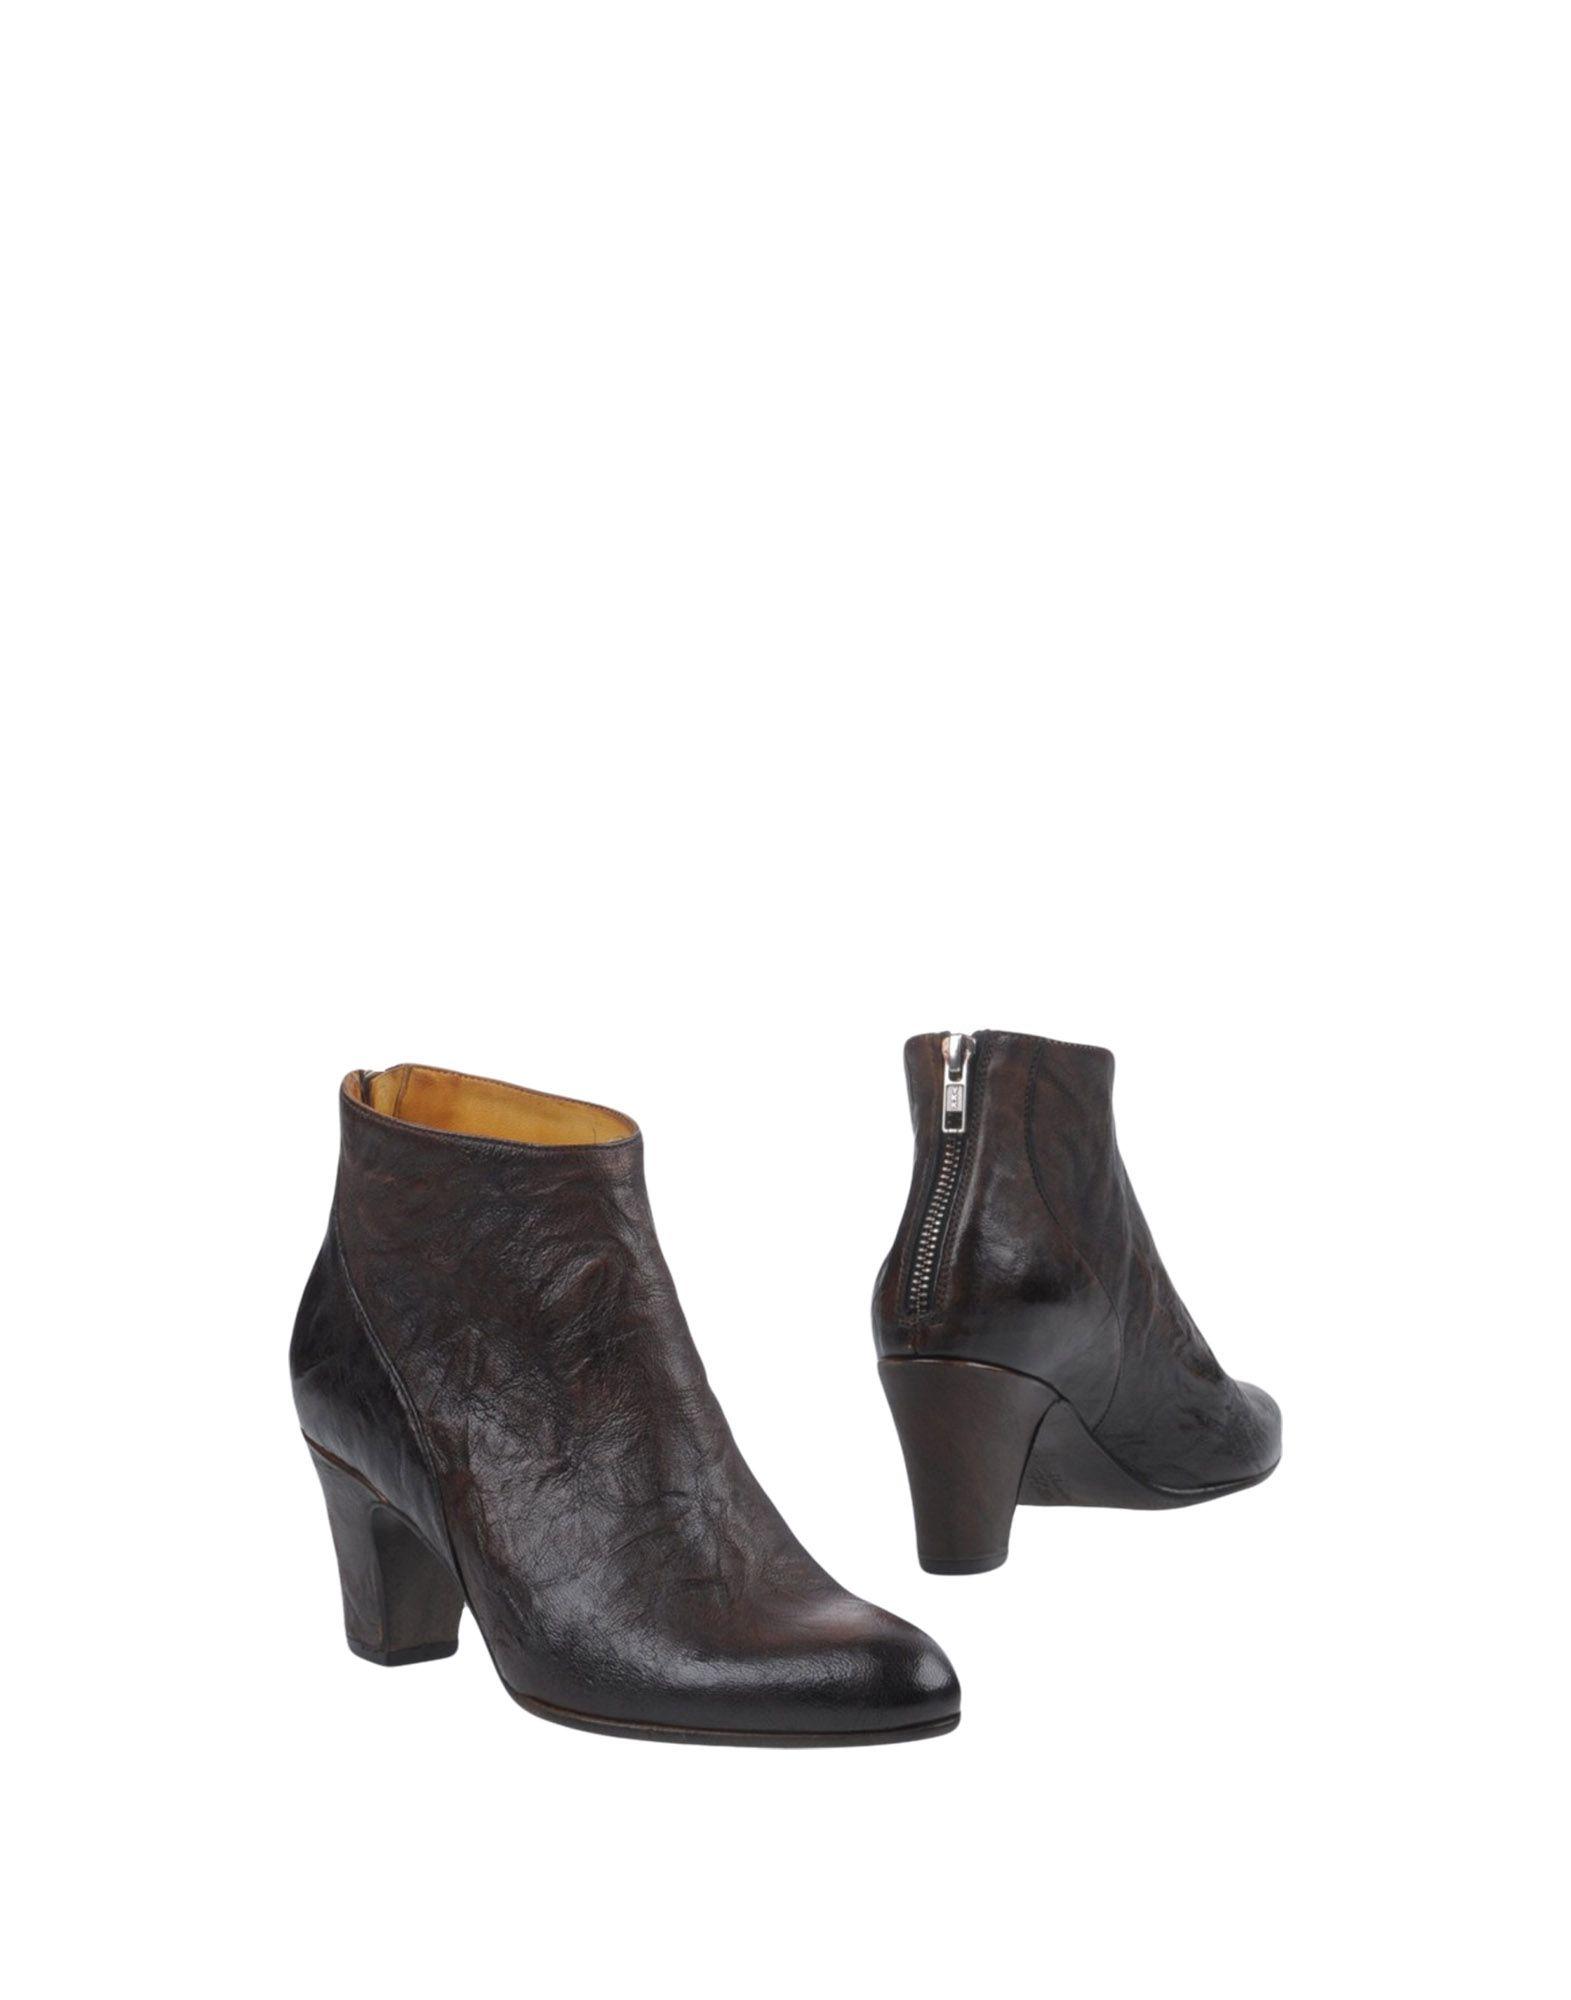 ALEXANDER HOTTO Полусапоги и высокие ботинки alexander hotto оригинальные кожаные кроссовки бренда alexander hotto